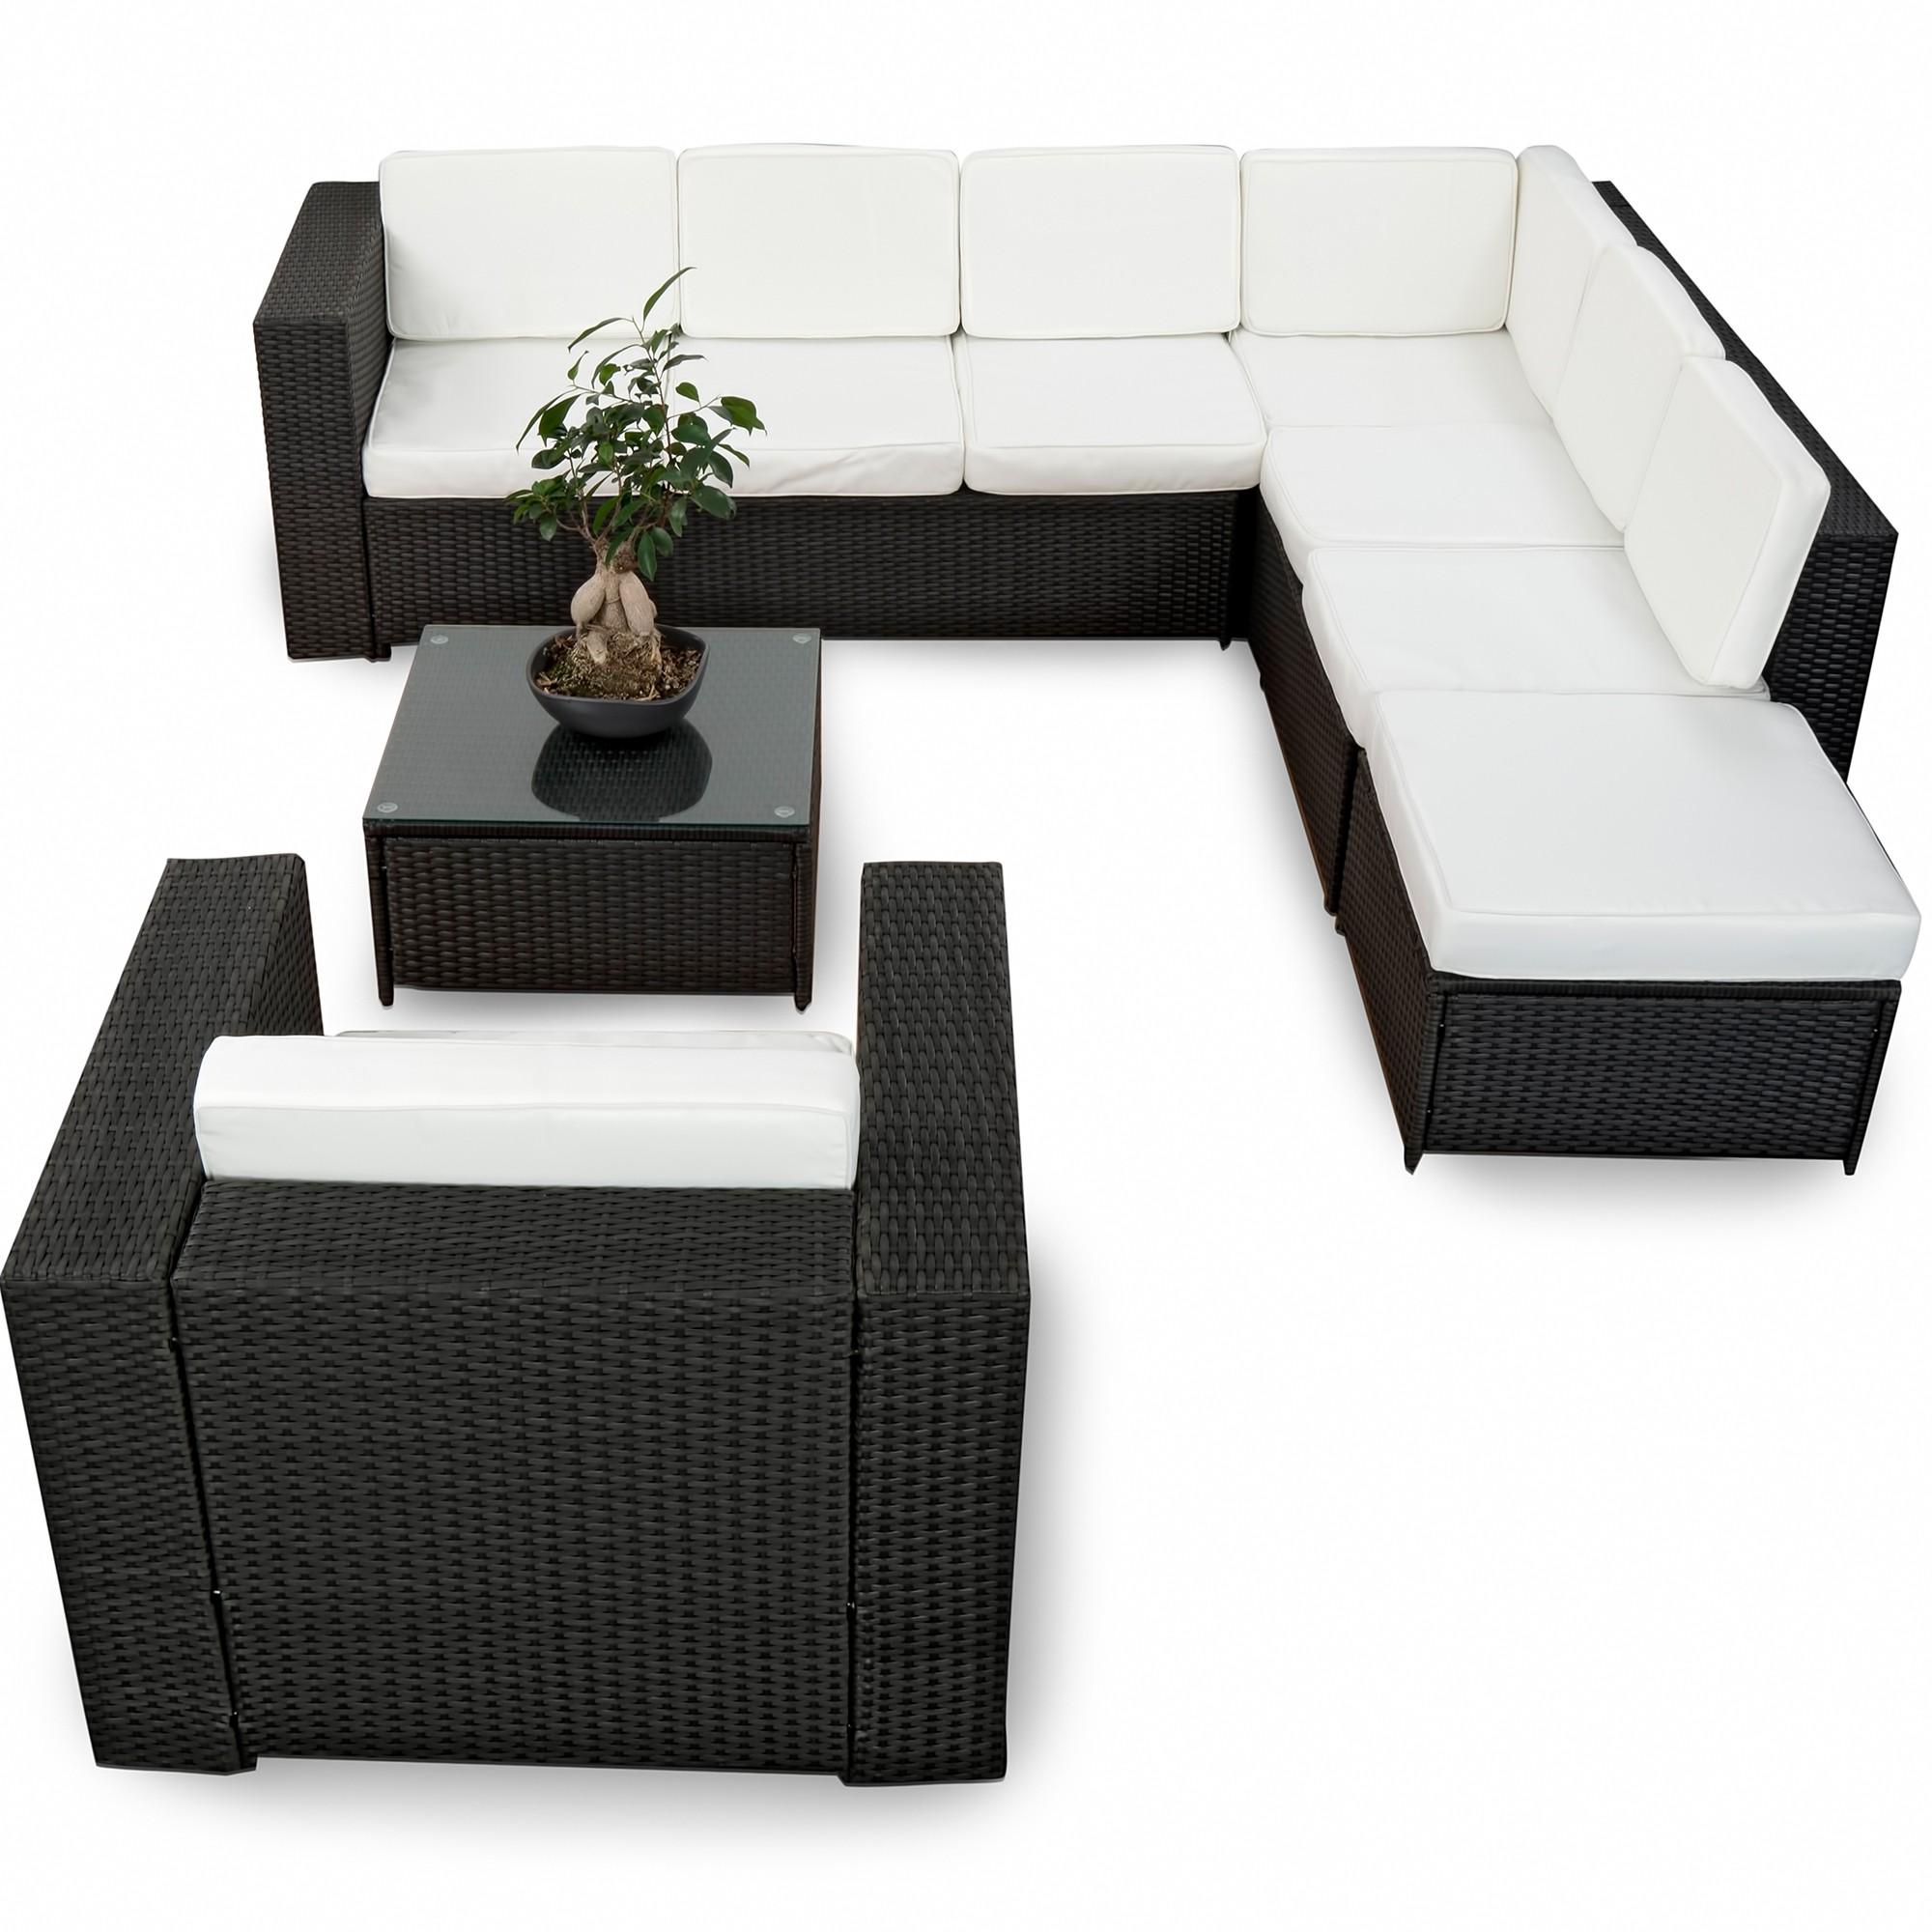 garten lounge ecke g nstig garten ecklounge kaufen. Black Bedroom Furniture Sets. Home Design Ideas